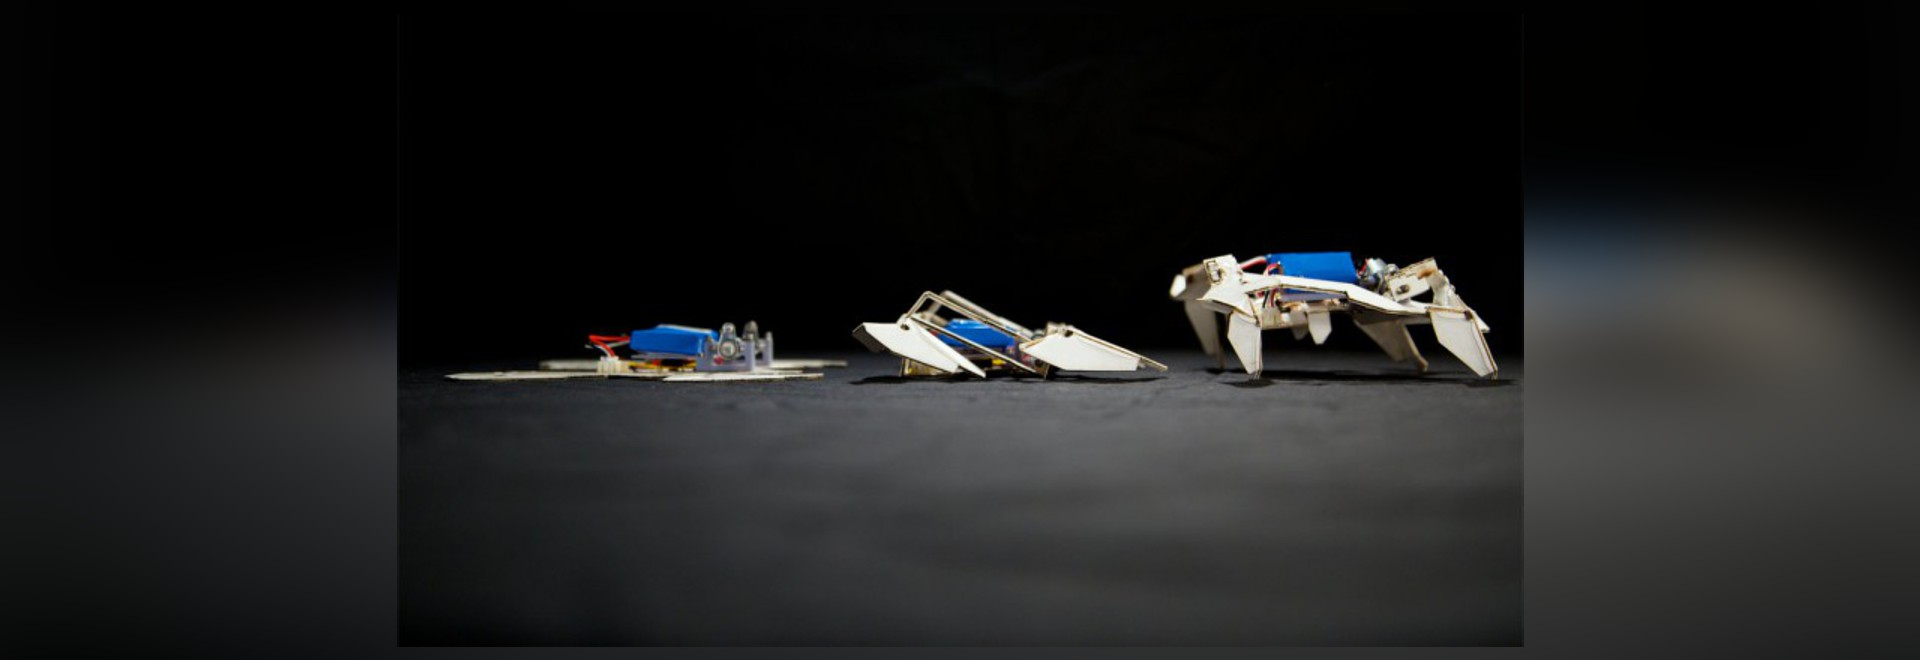 ROBOT DE TRANSFORMATION SELF-FOLDS ET PROMENADES PAR LUI-MÊME